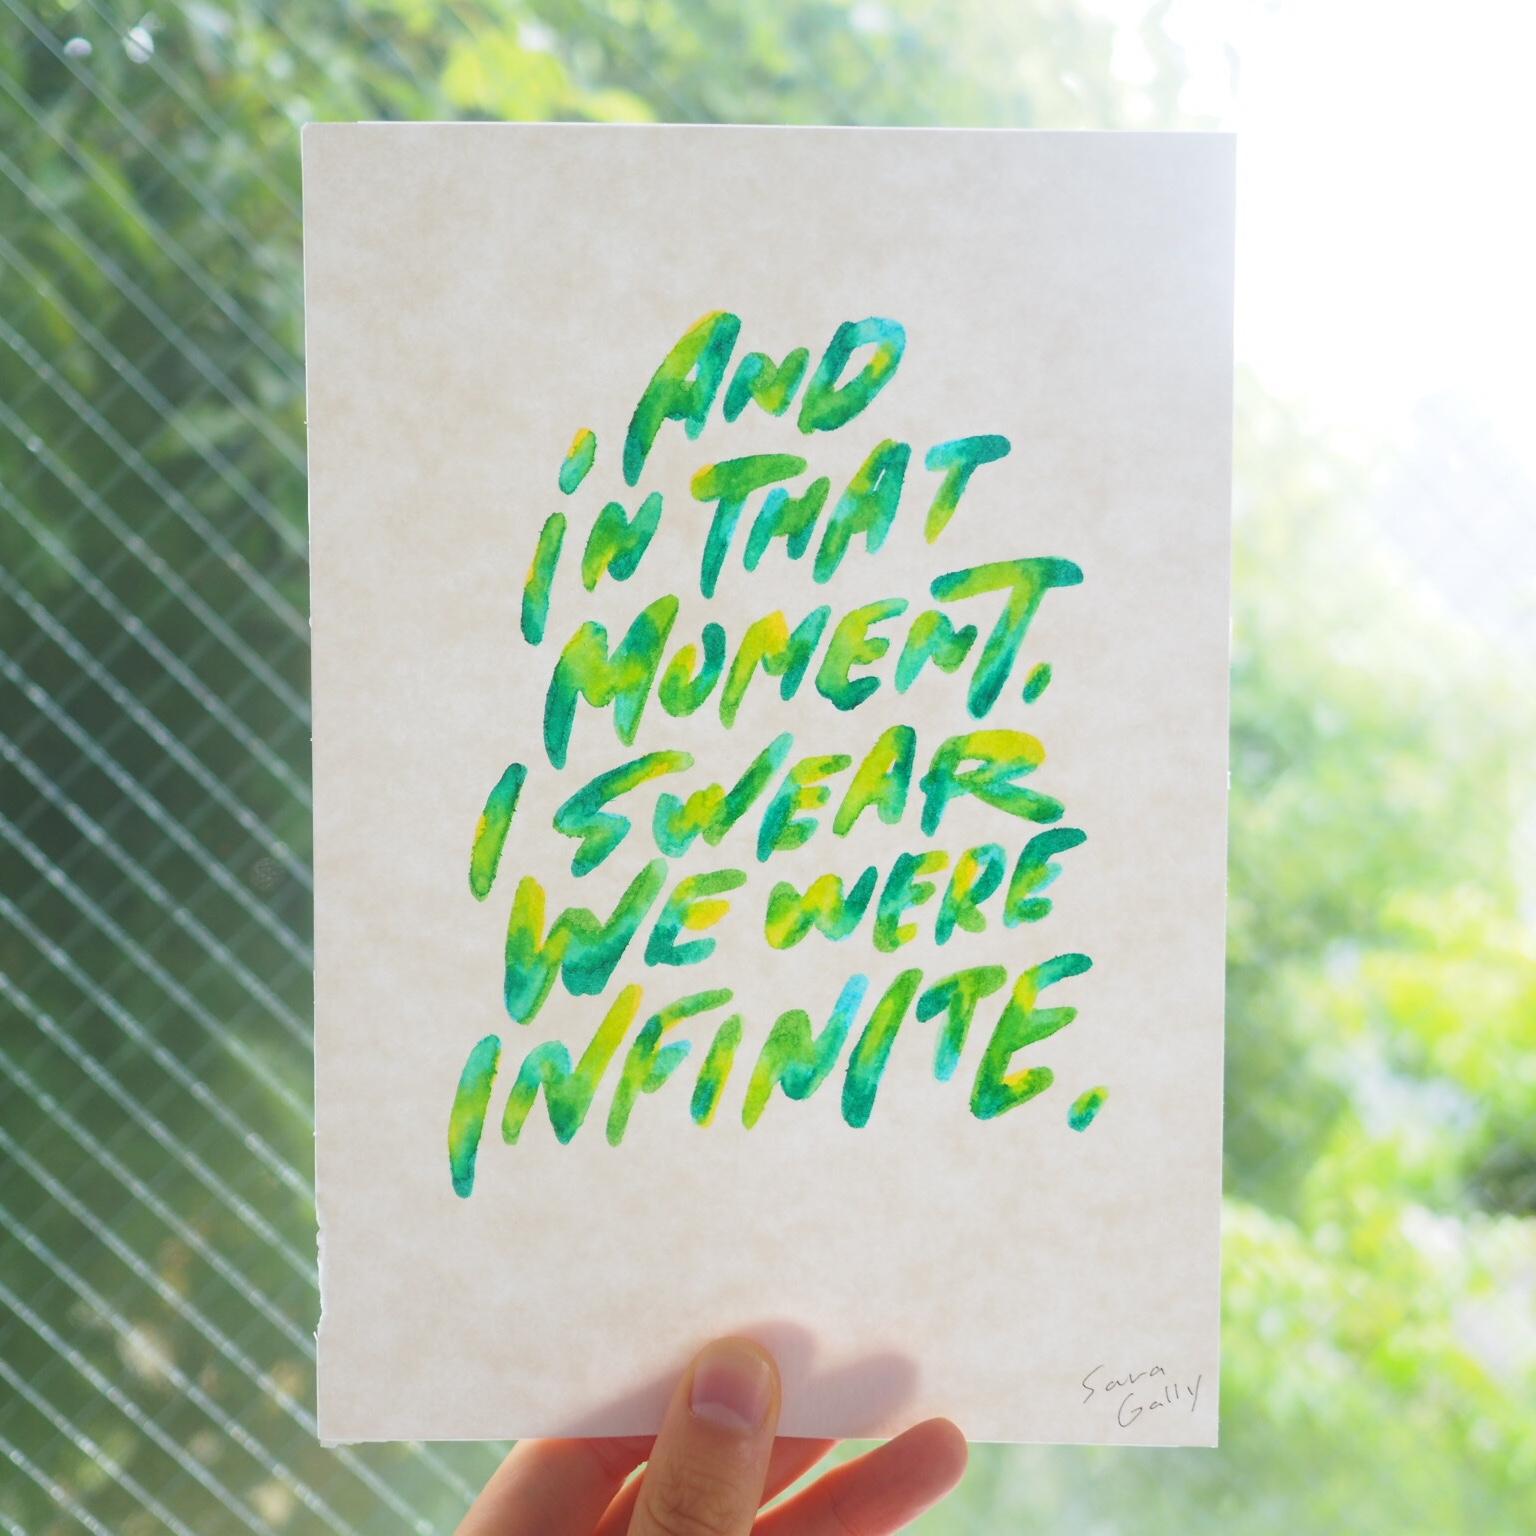 """小説「ウォールフラワー」で主人公が言う言葉「そしてその瞬間、僕らは間違いなく無限だった」を描きました。 This is a quote from a novel """"Wallflower""""."""